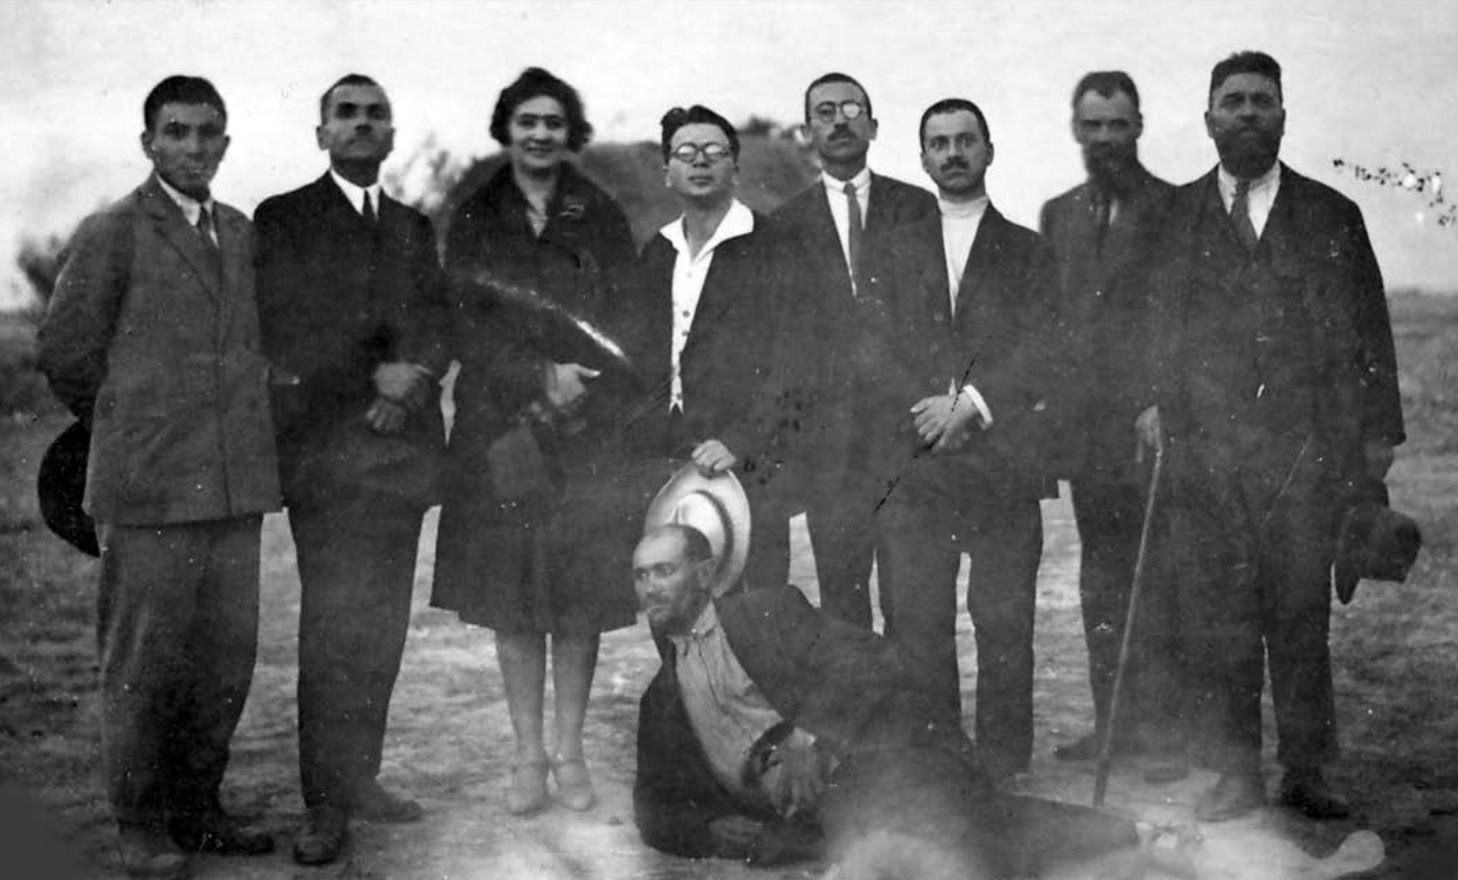 В деня на закупуването на земята в с. Мечкюр, Пловдивско, 1926 г.  Отляво вторият е И. Енчев, следва вече бившата собственичка, С. Лепавцев, Й. Ковачев, В. Чаушев, С. Андрейчин, Георги Шопов, пред всички е Стойо Кацаров